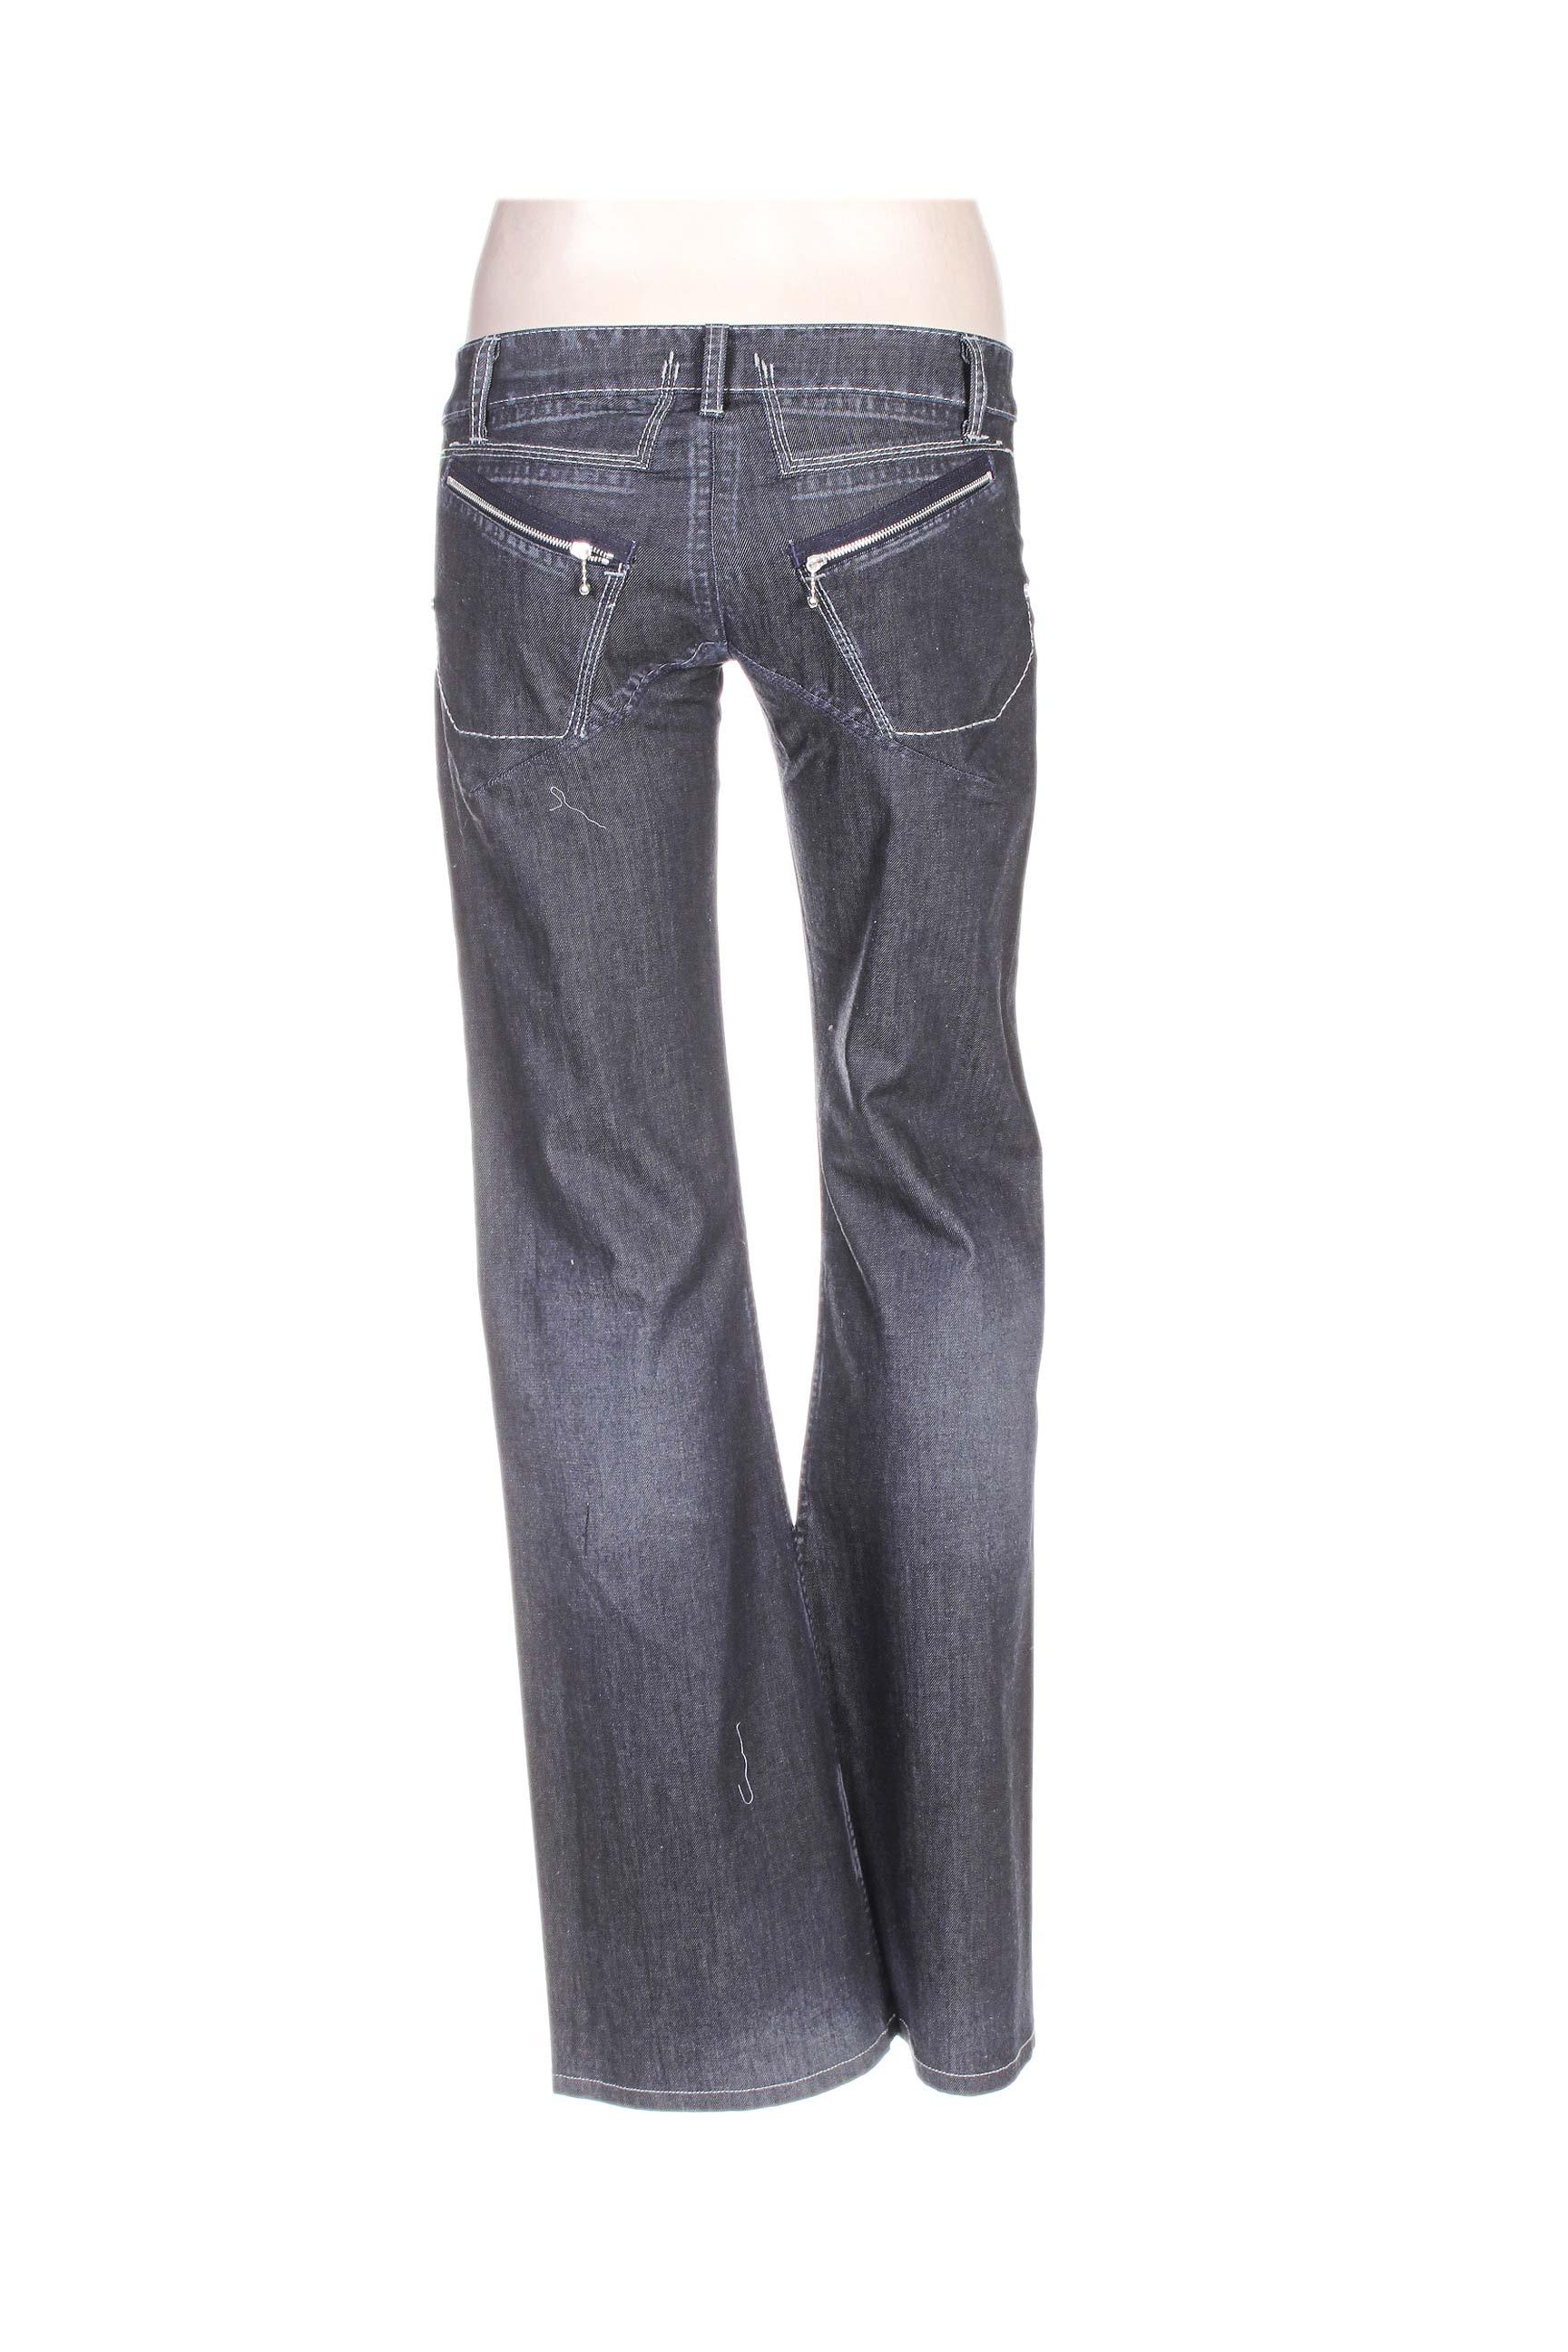 Marithe Francois Girbaud Jeans Coupe Large Femme De Couleur Gris En Soldes Pas Cher 1103597 ...